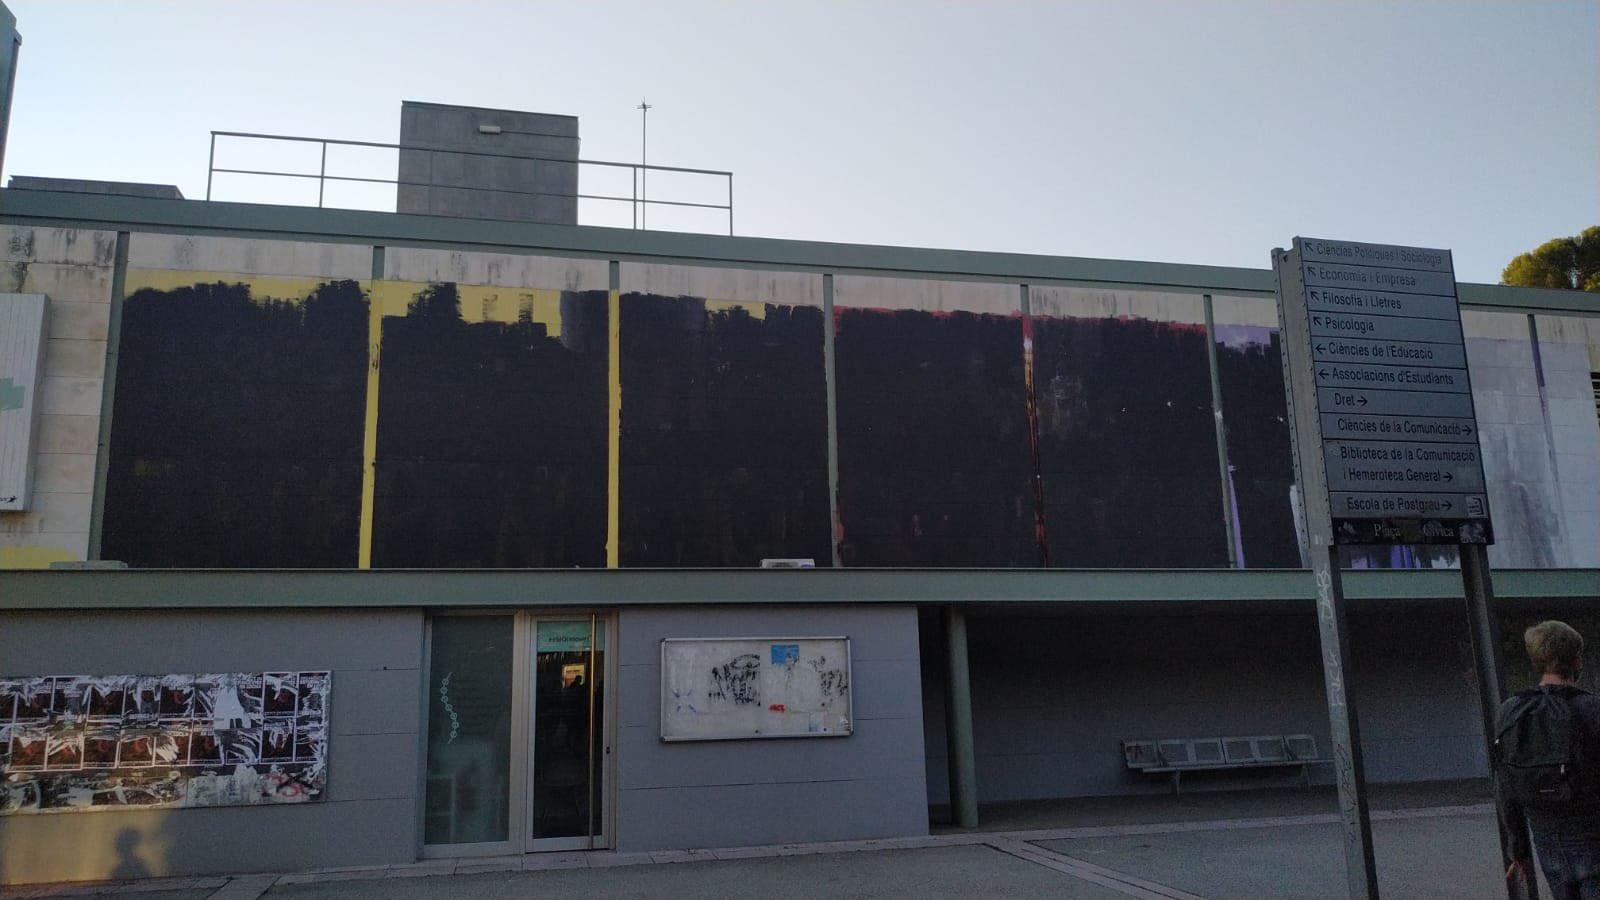 Així es va trobar el mural aquest 13 d'octubre | @SEPC_UAB